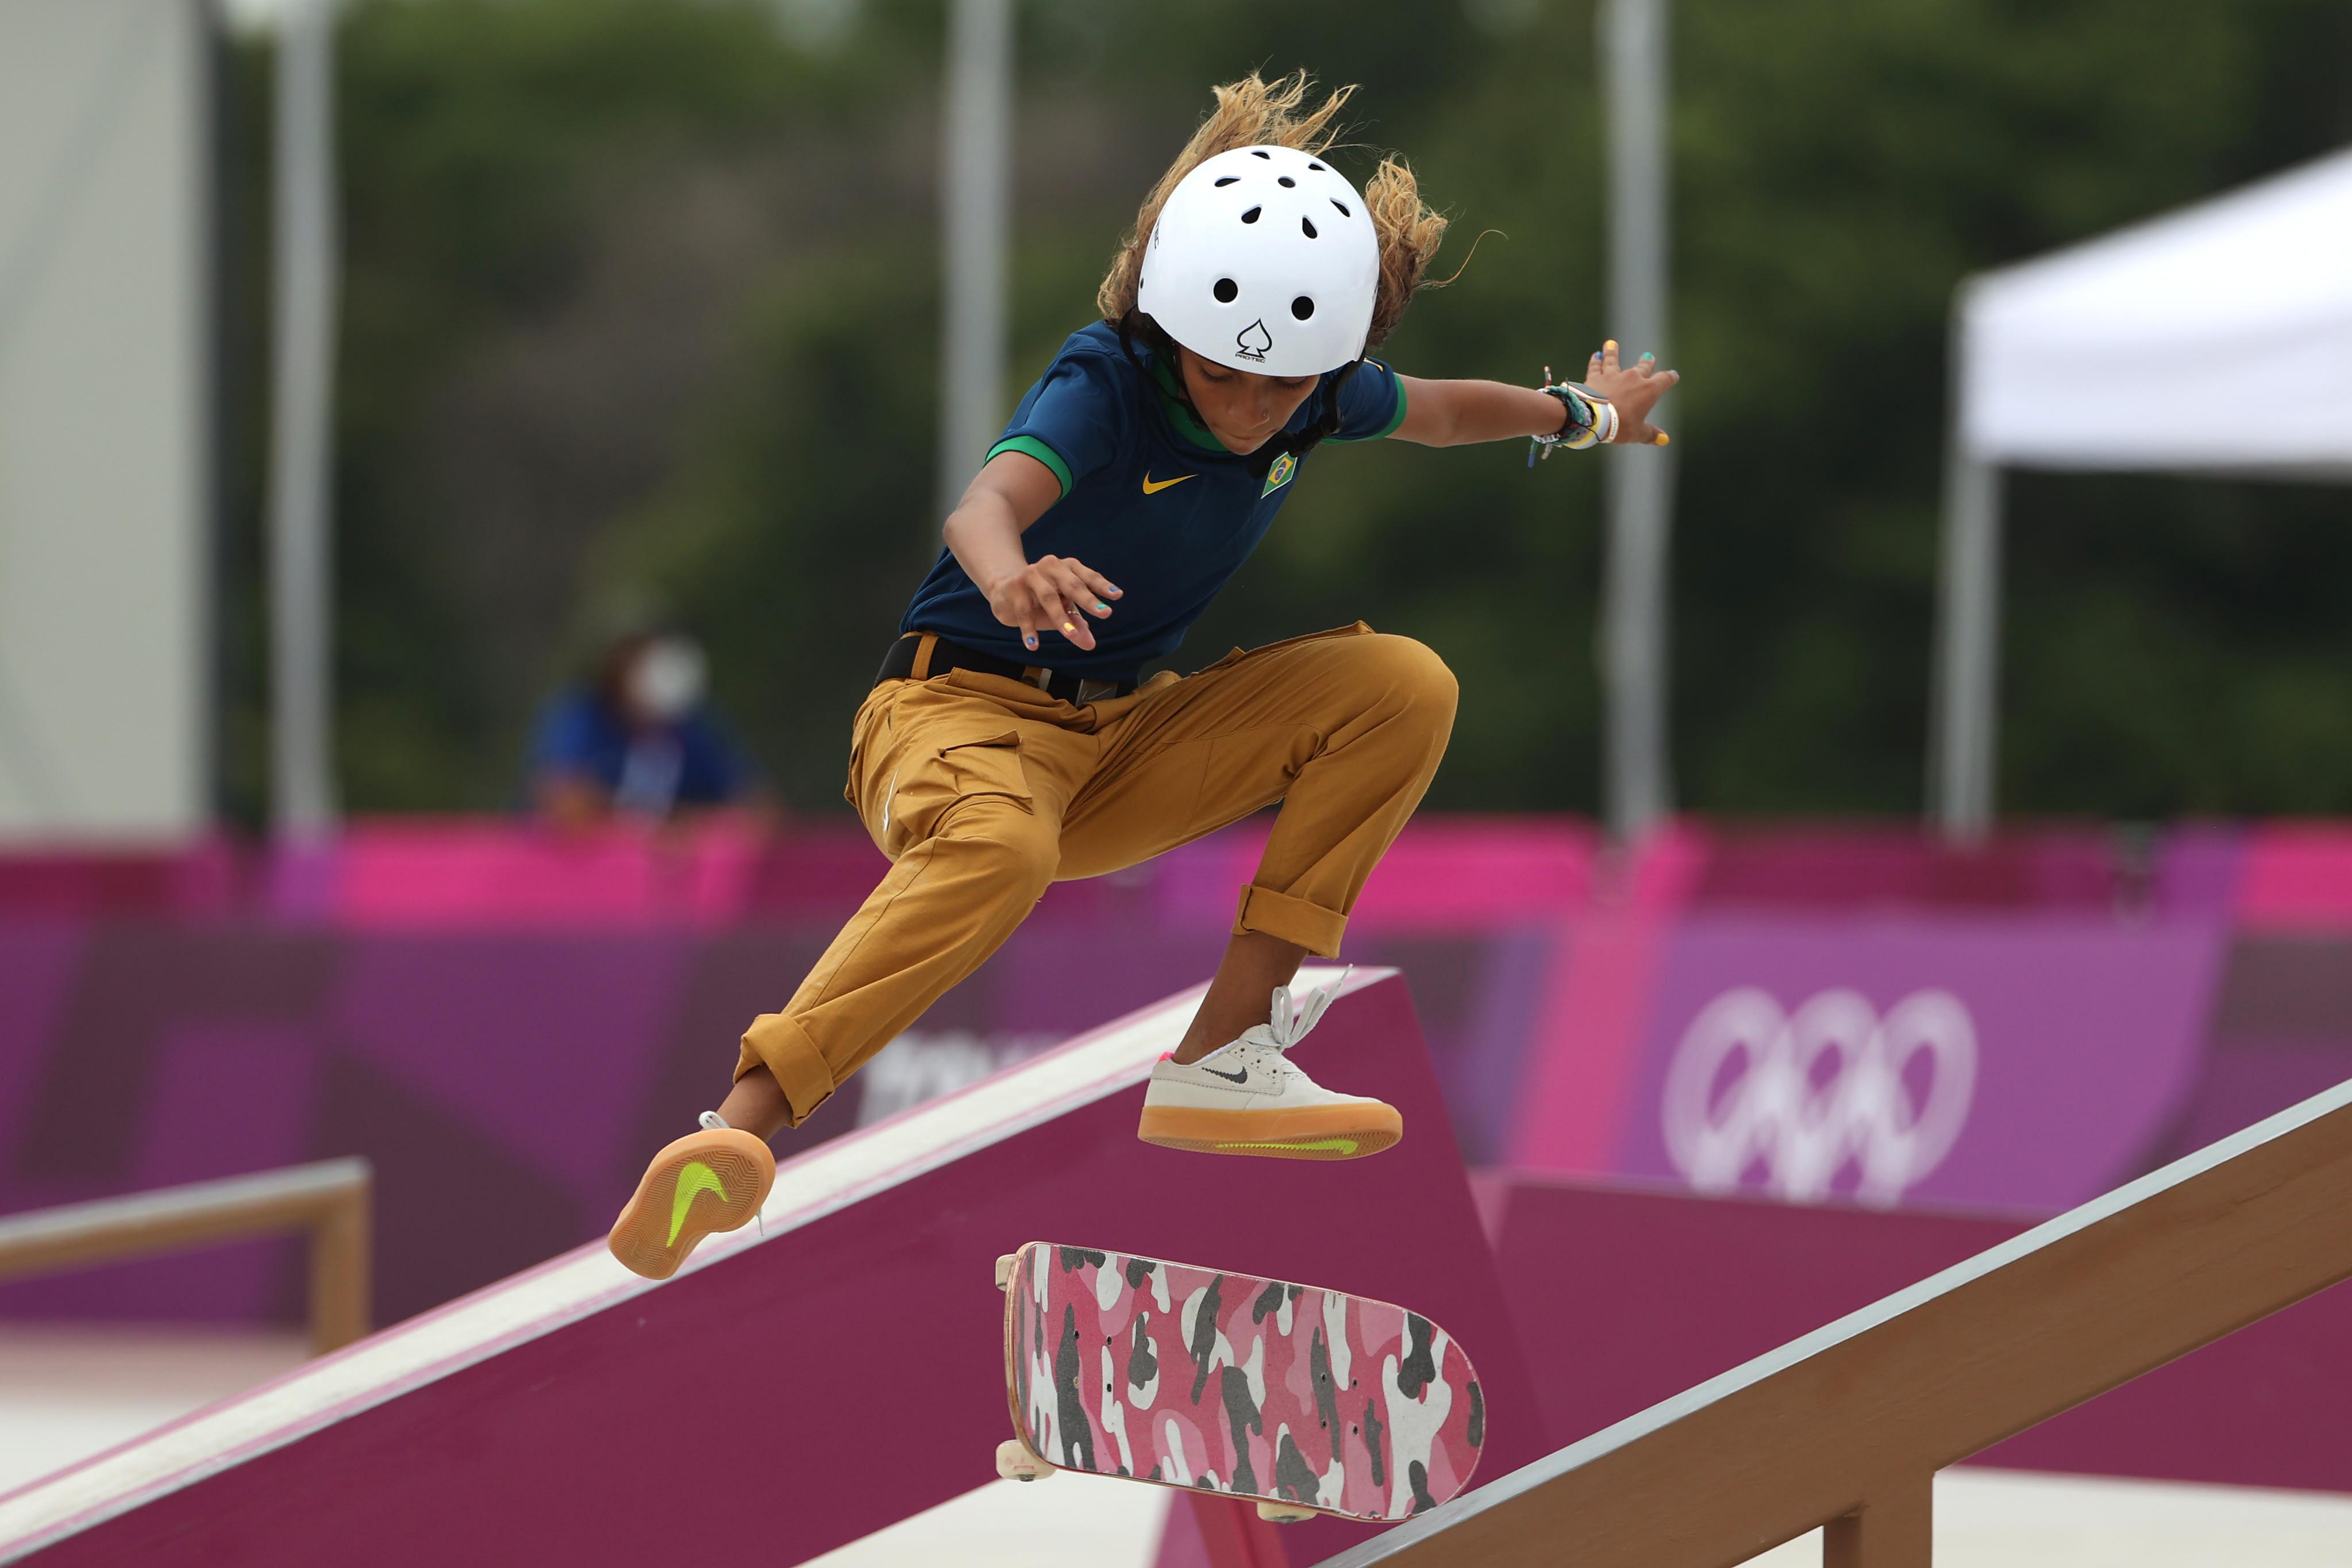 Rayssa descendo um corrimão de skate enquanto faz ele girar 360 graus no próprio eixo.